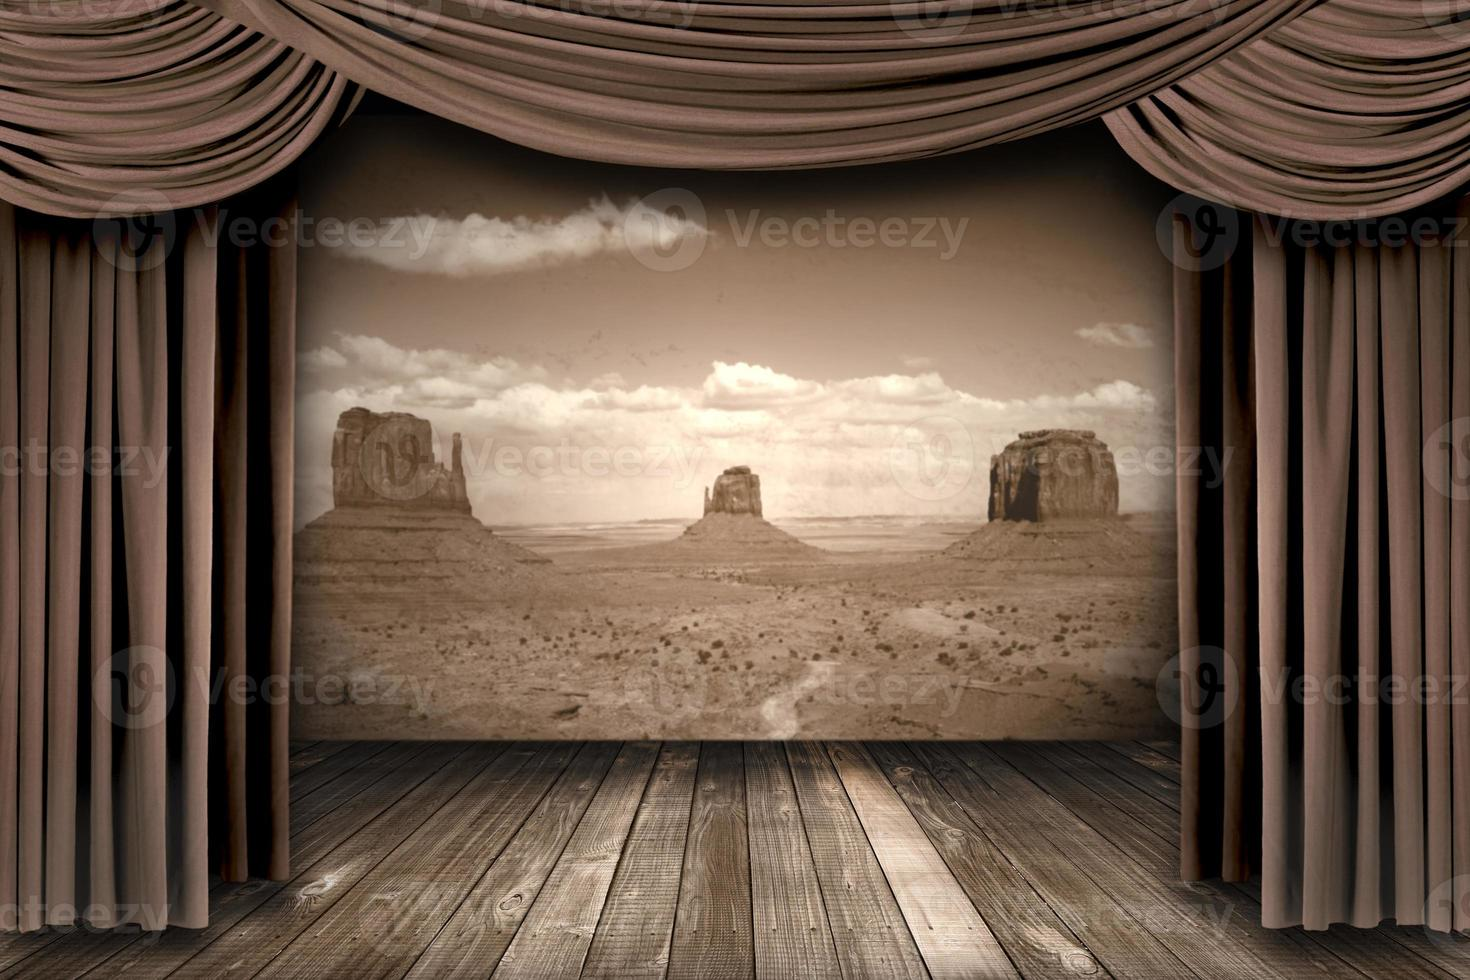 rideaux de théâtre suspendus avec un fond de désert photo